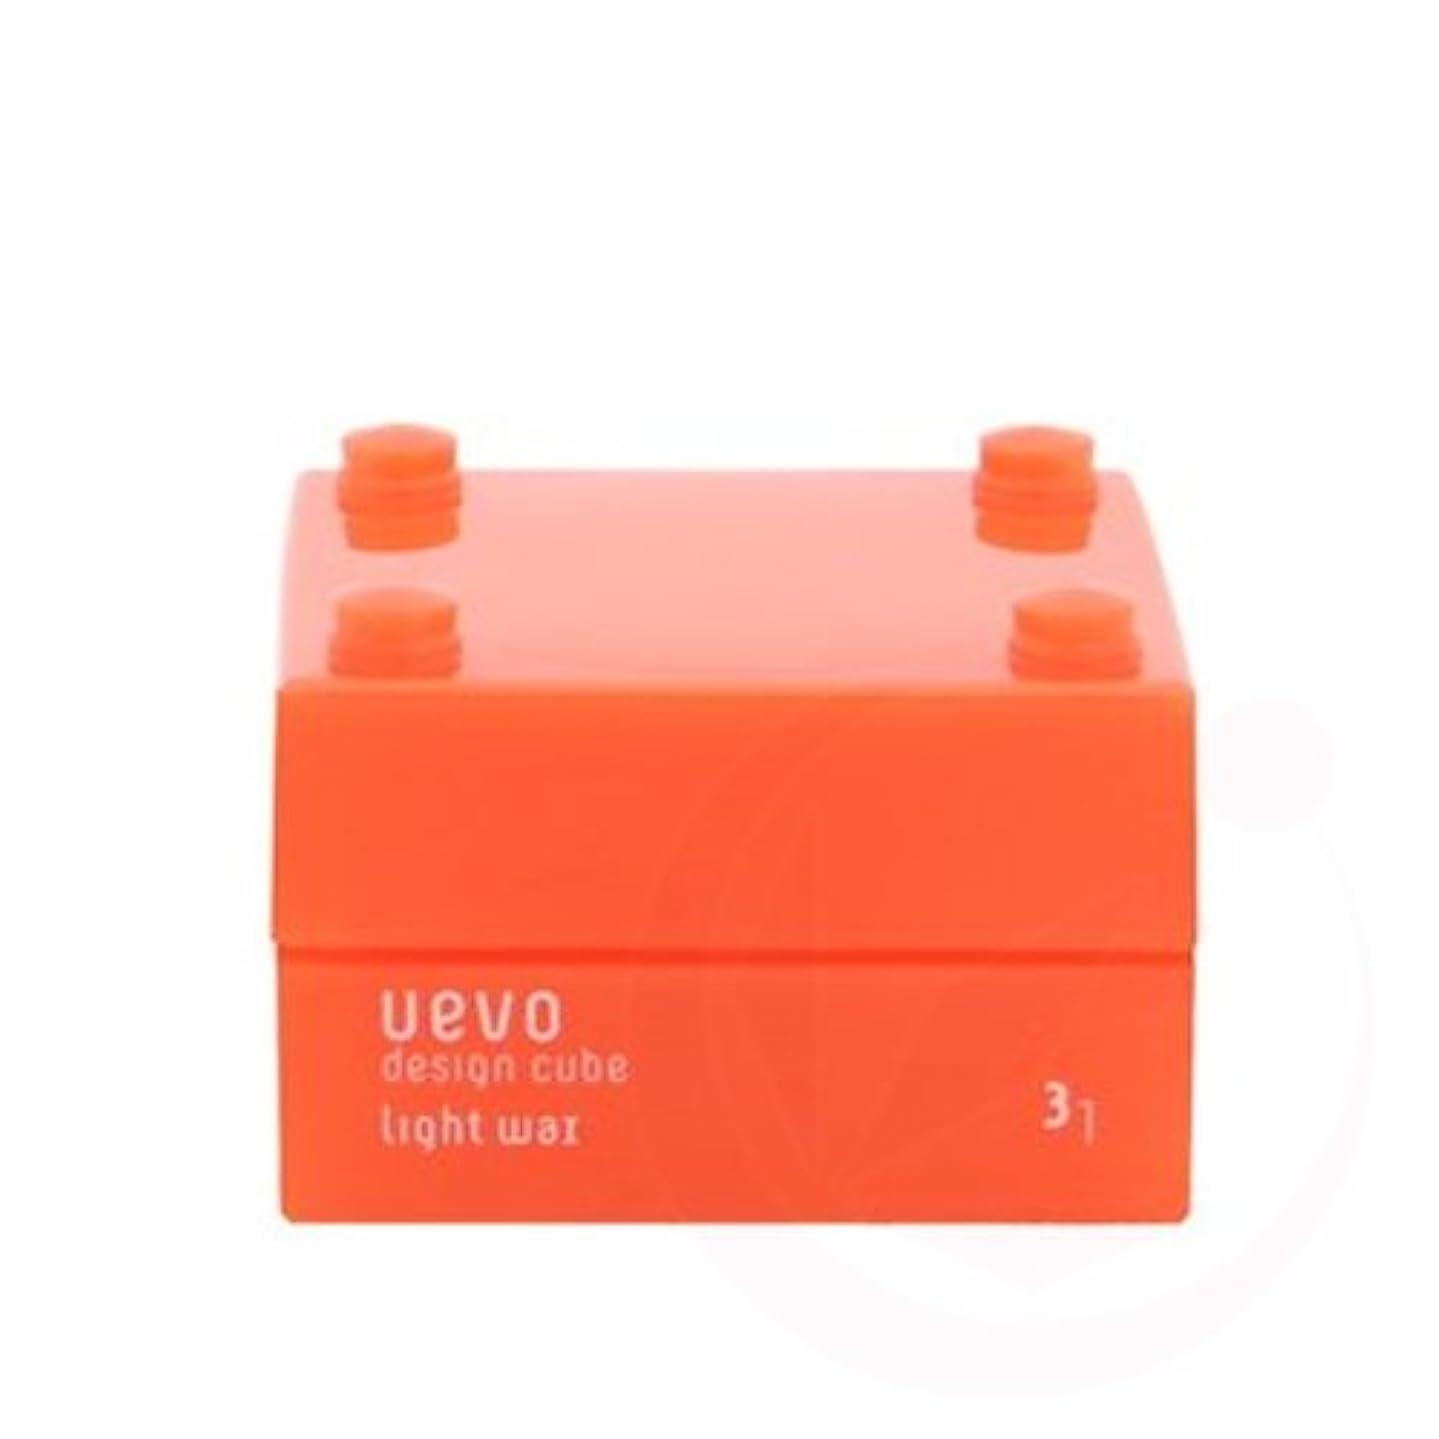 【デミコスメティクス】ウェーボ デザインキューブ ライトワックス 30g